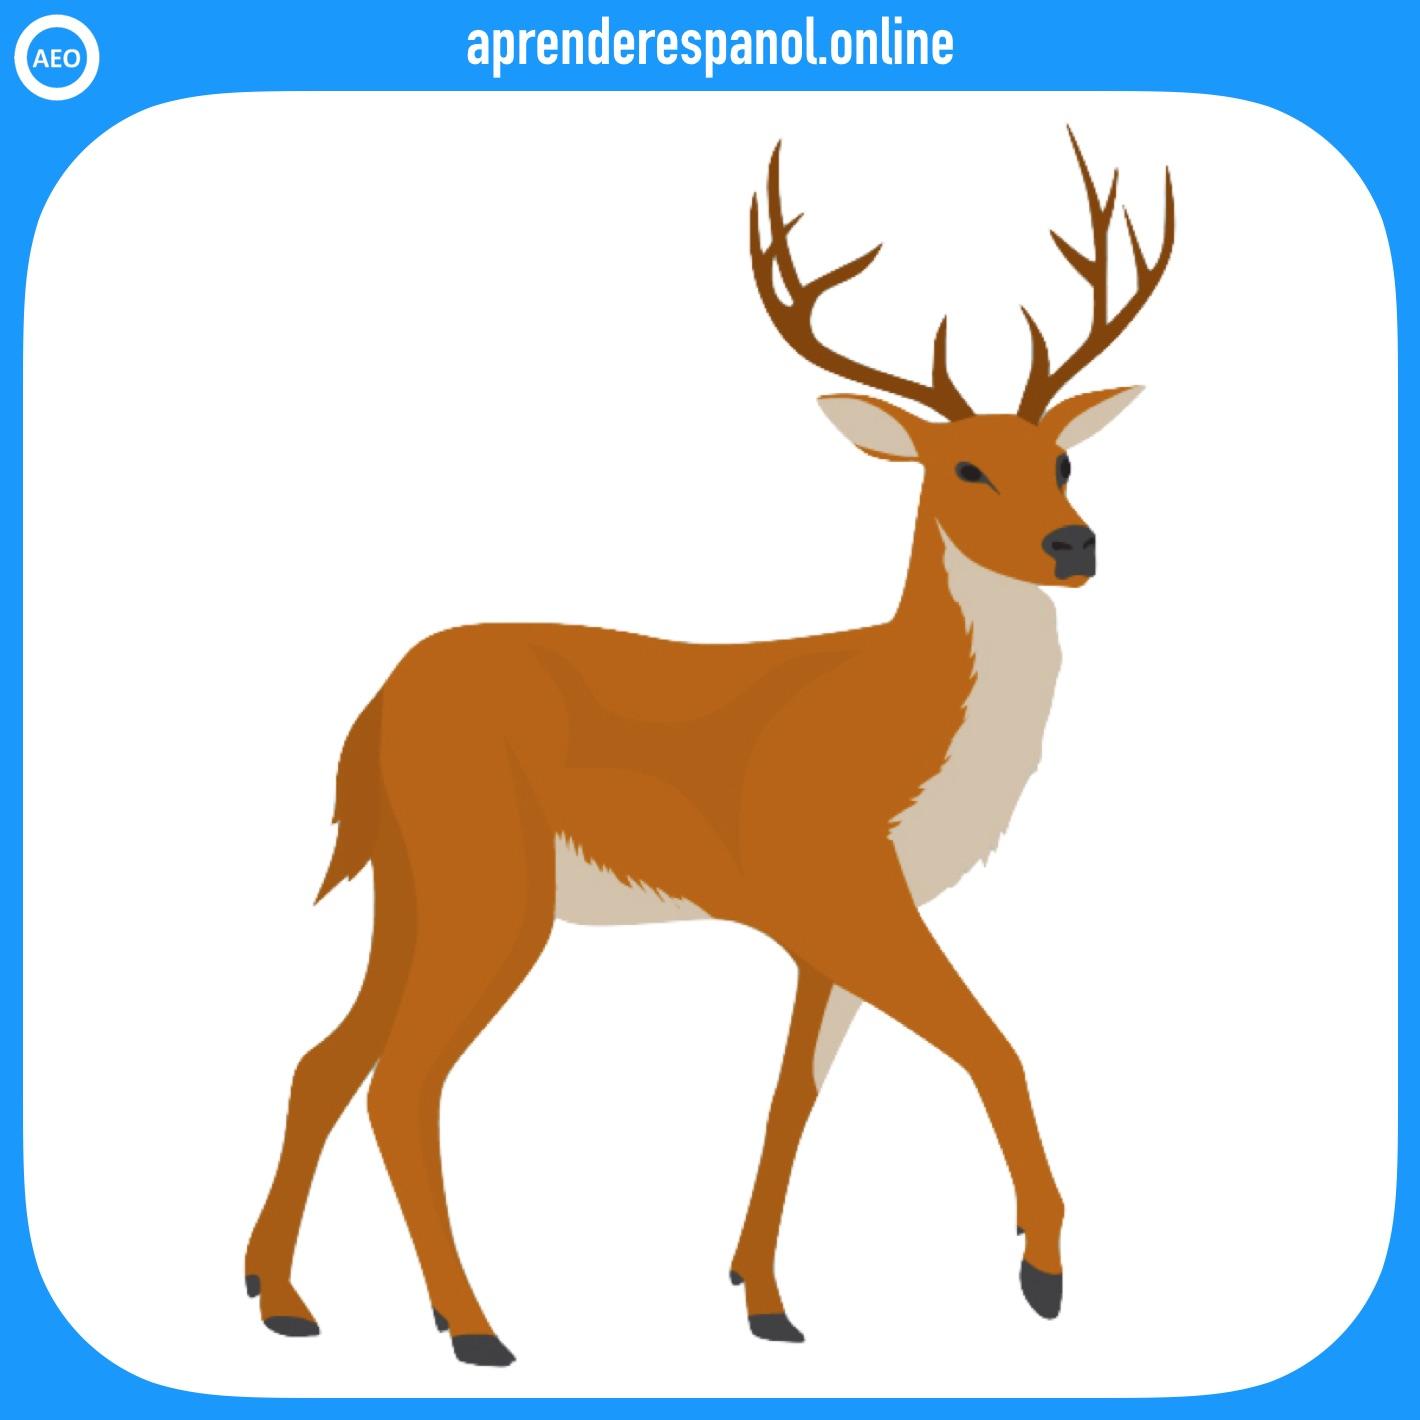 ciervo | animales en español | vocabulario de los animales en español